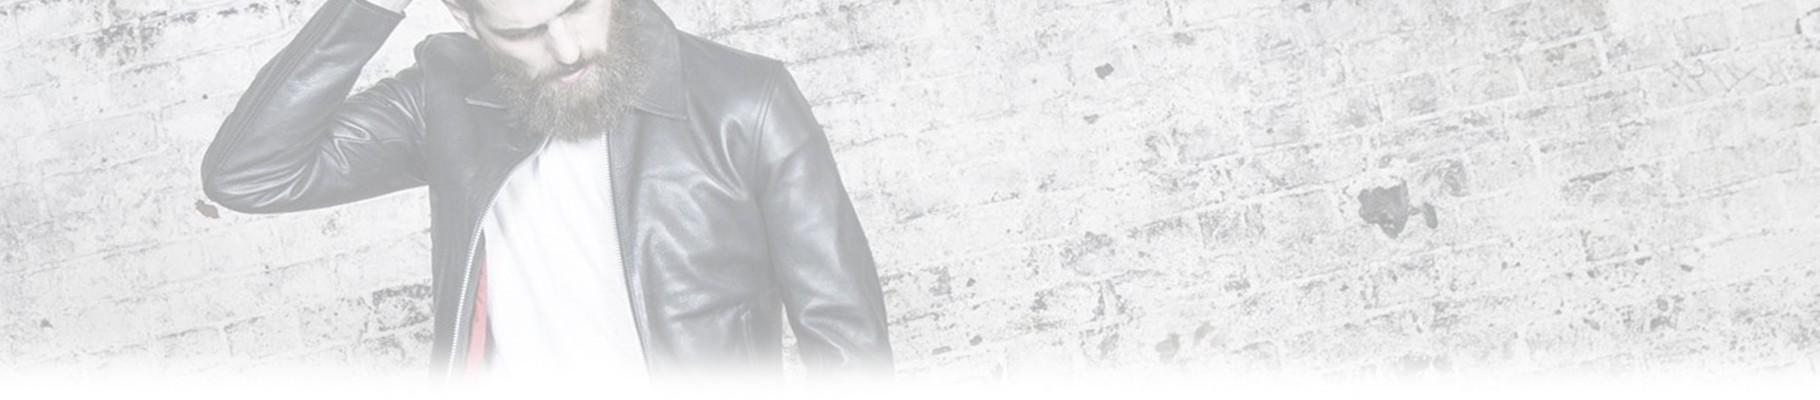 La giacca di pelle è un punto di forza nell'abbigliamento dell'uomo